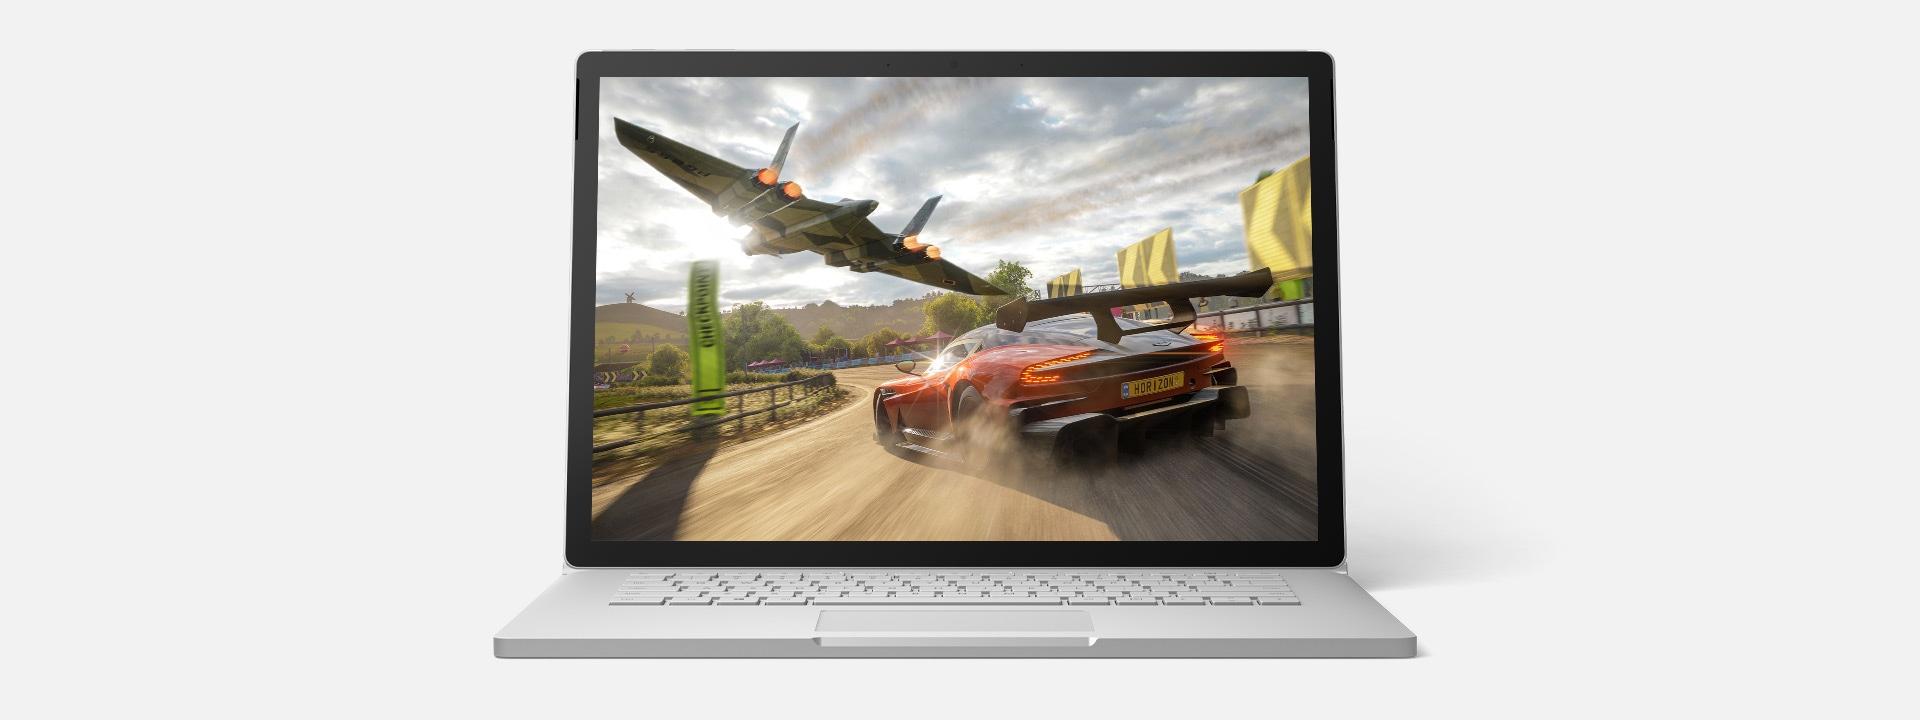 Surface Book 3 z uruchomioną grą z usługi Xbox